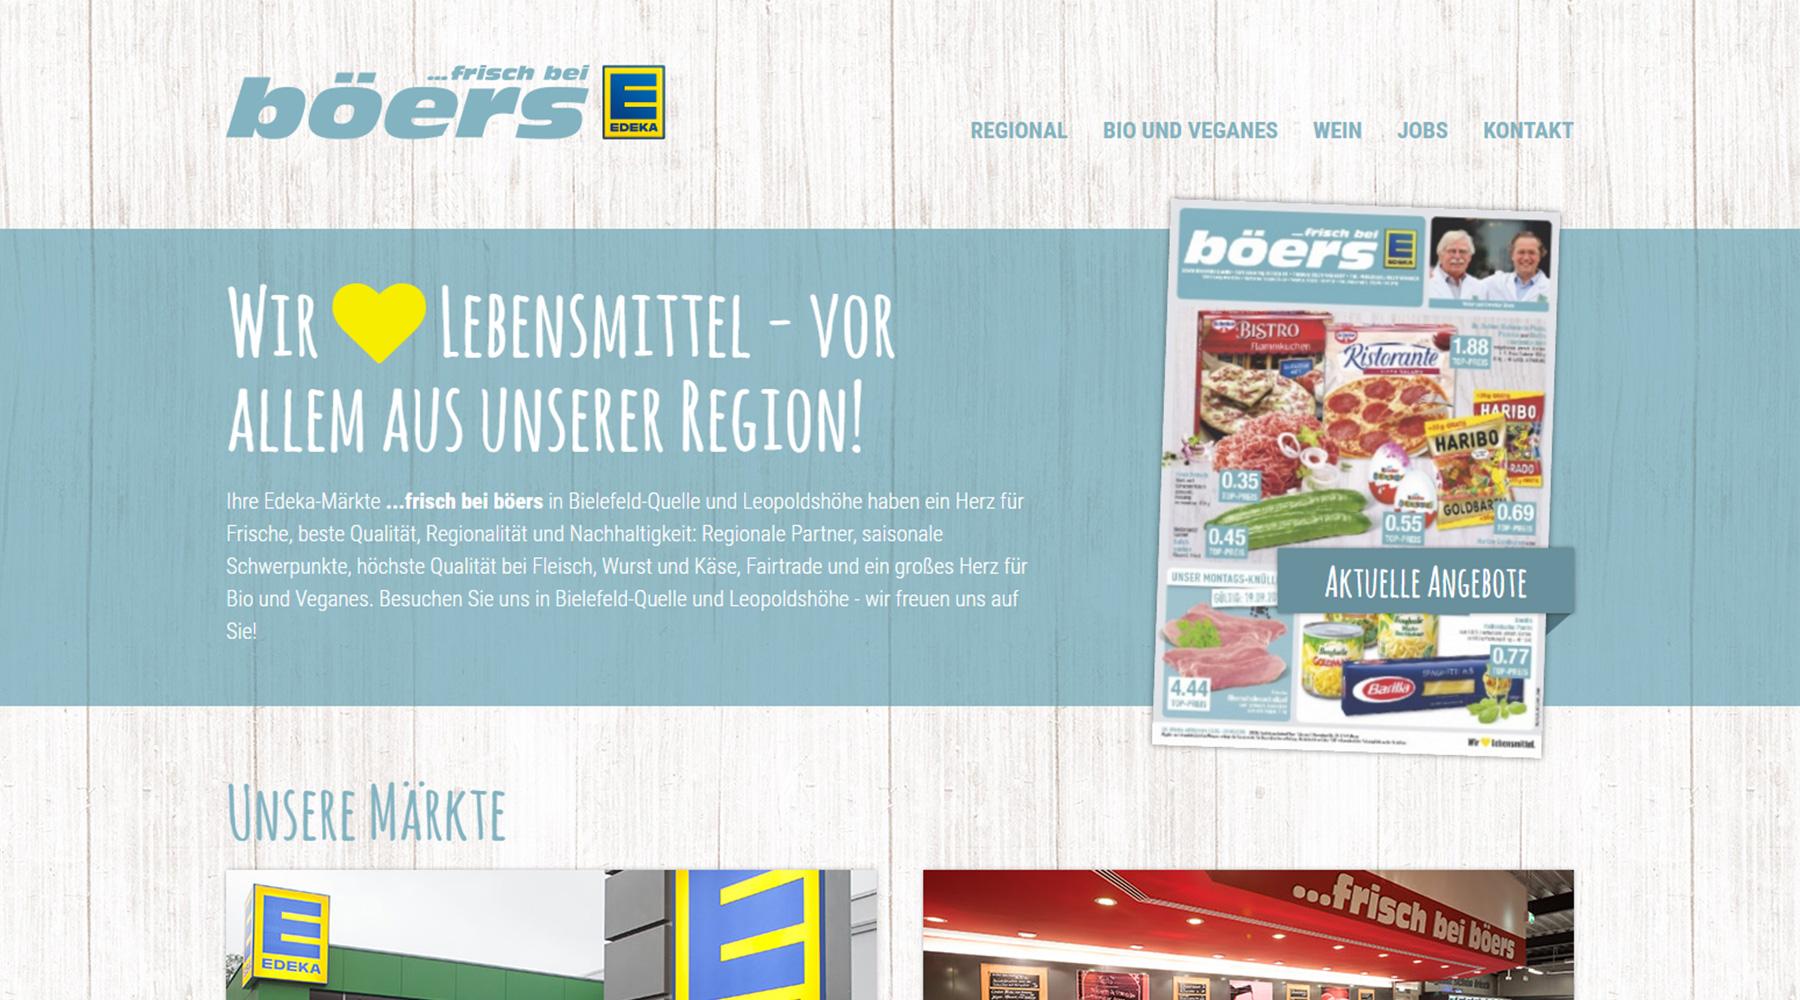 EDEKA Böers in Bielefeld und Leopoldshöhe